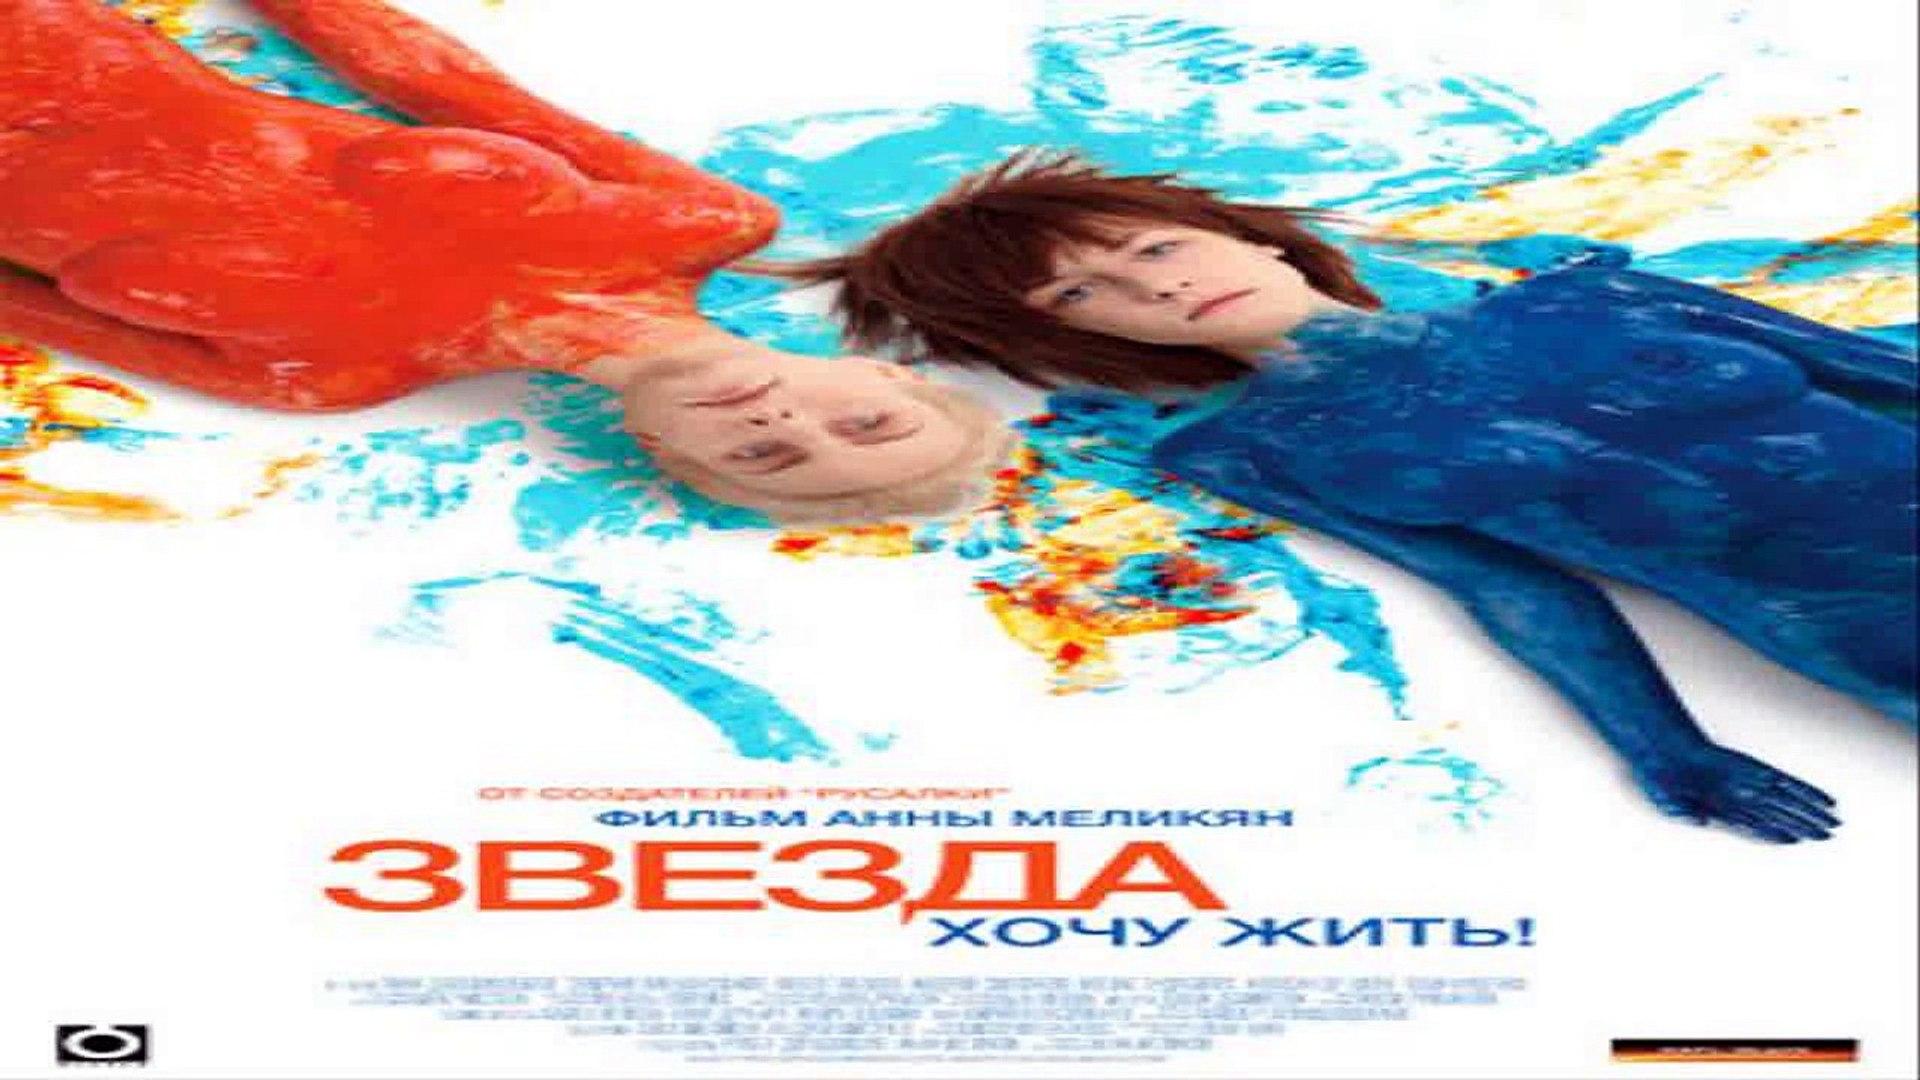 Звезда Full Movie